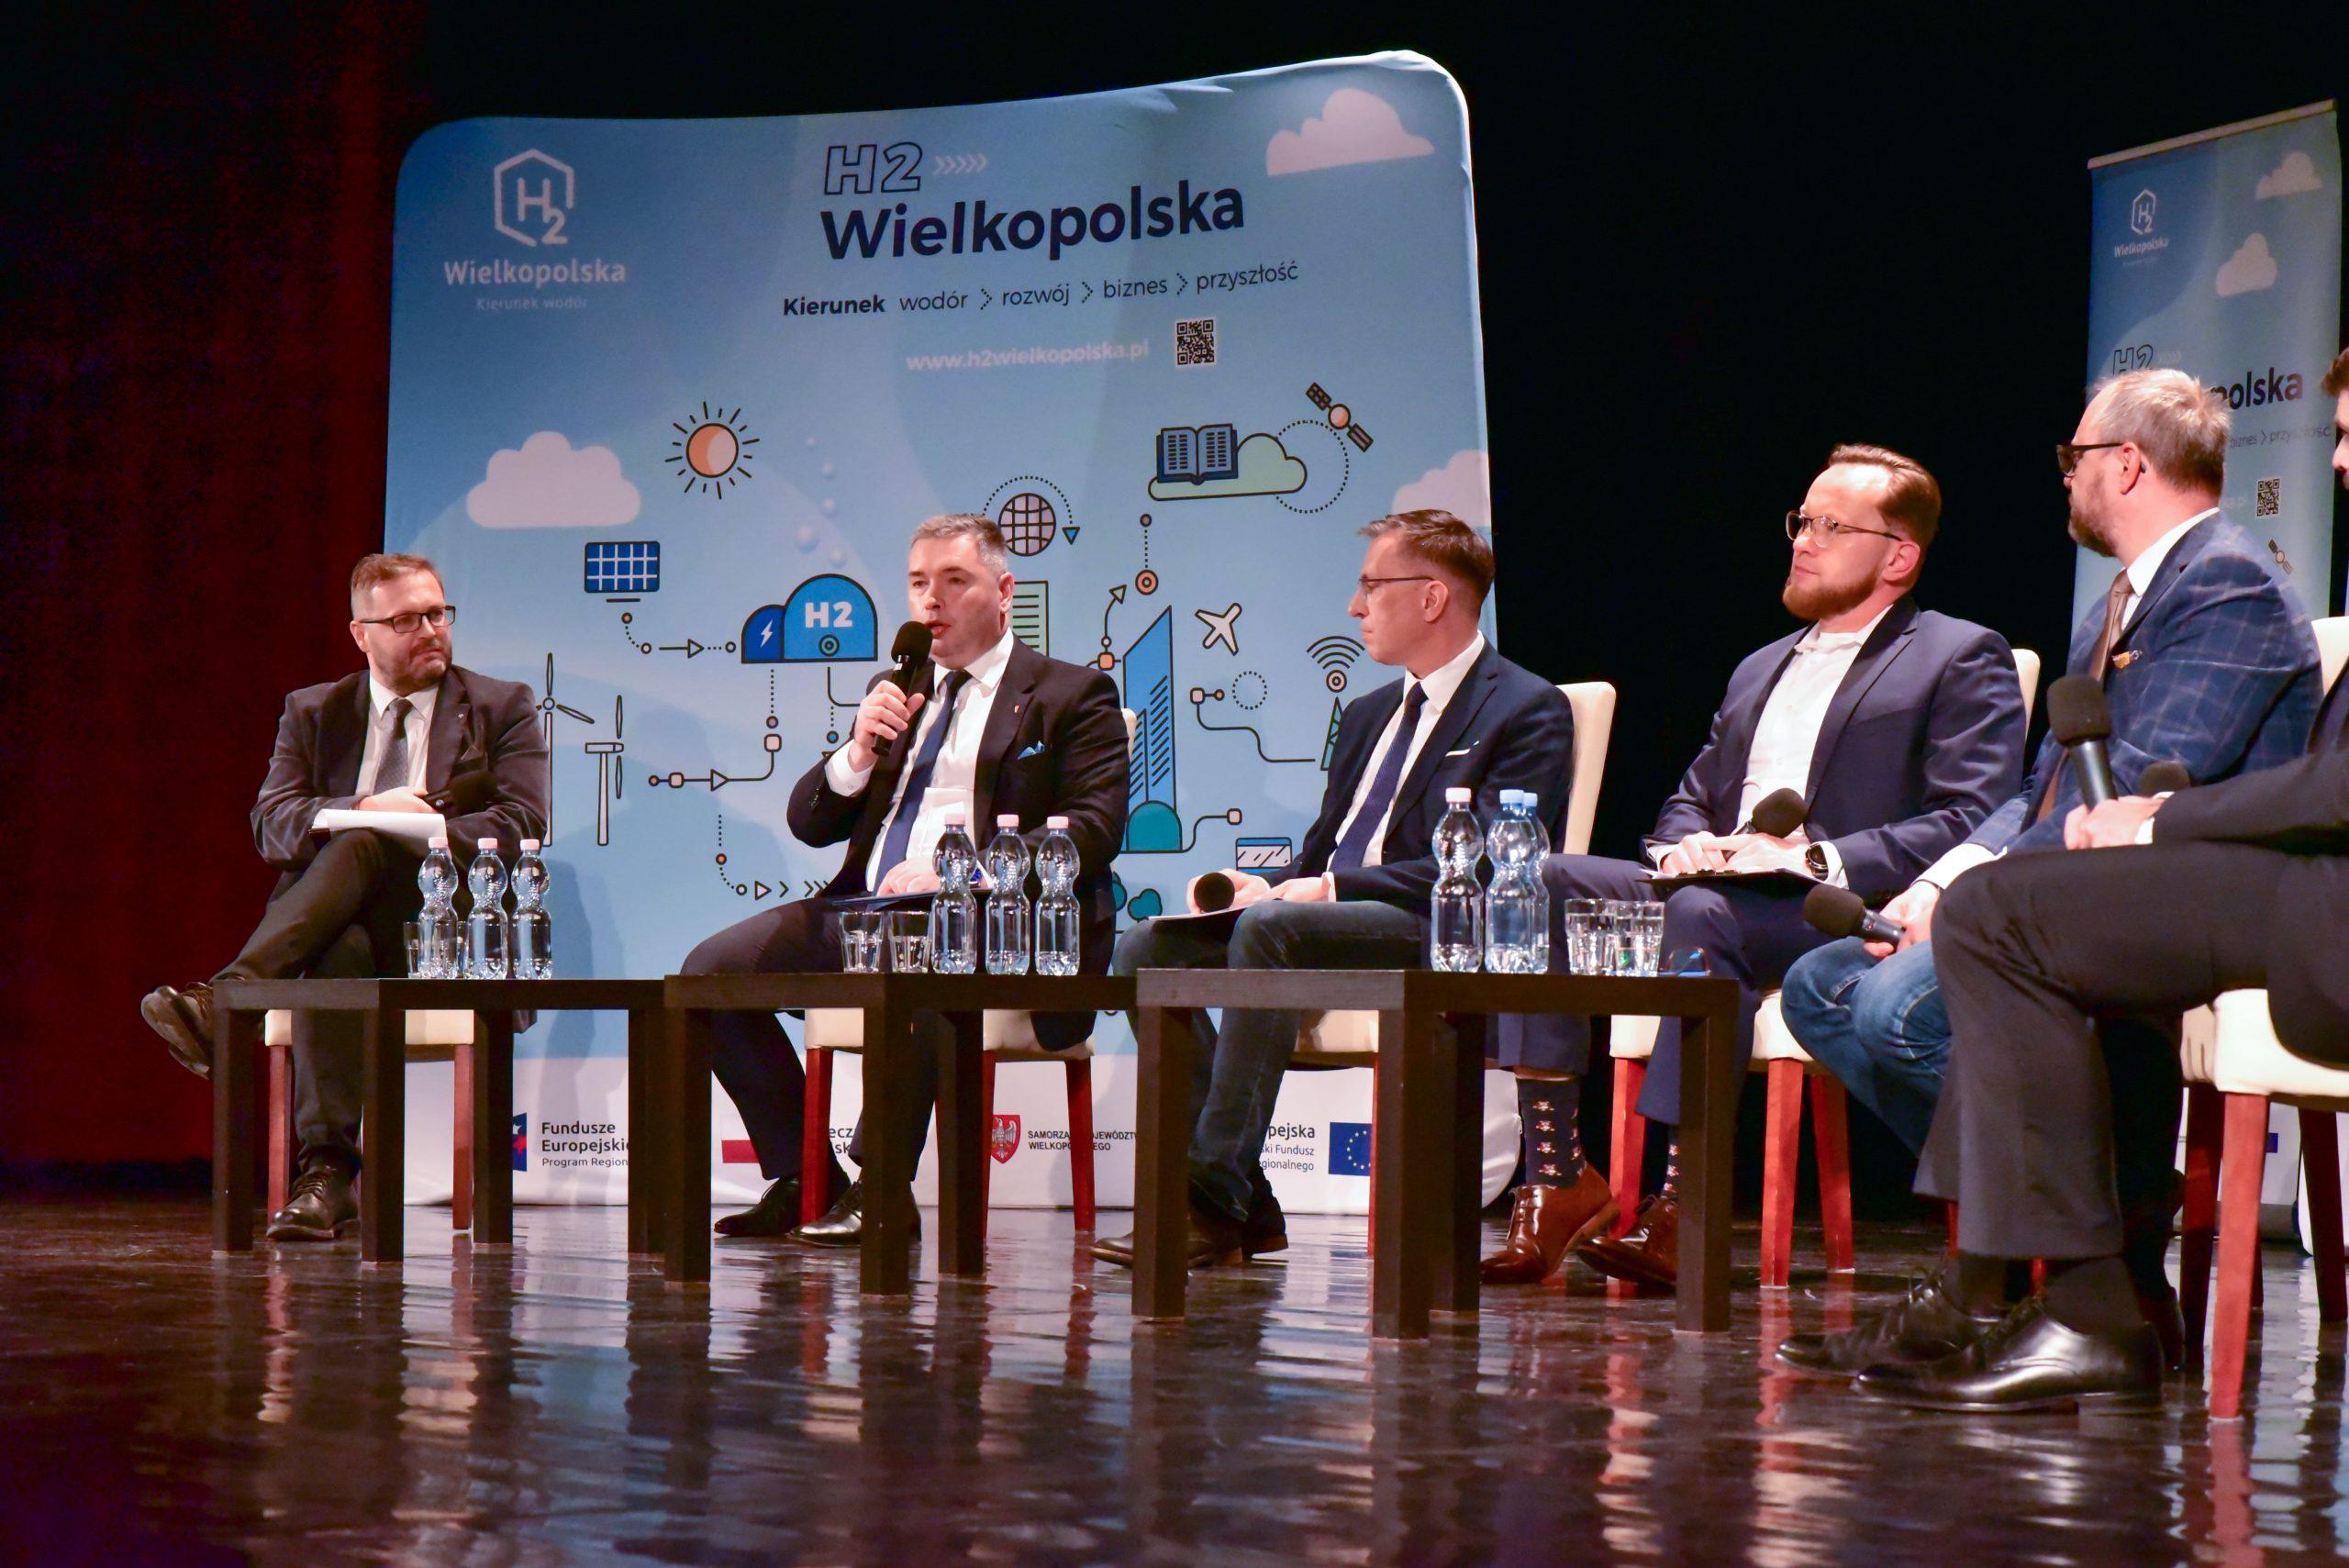 Spotkanie subregionalne – Pierwsze firmy wodorowe z Wielkopolski – Wielkopolska Północna – kierunek wodór już za nami!